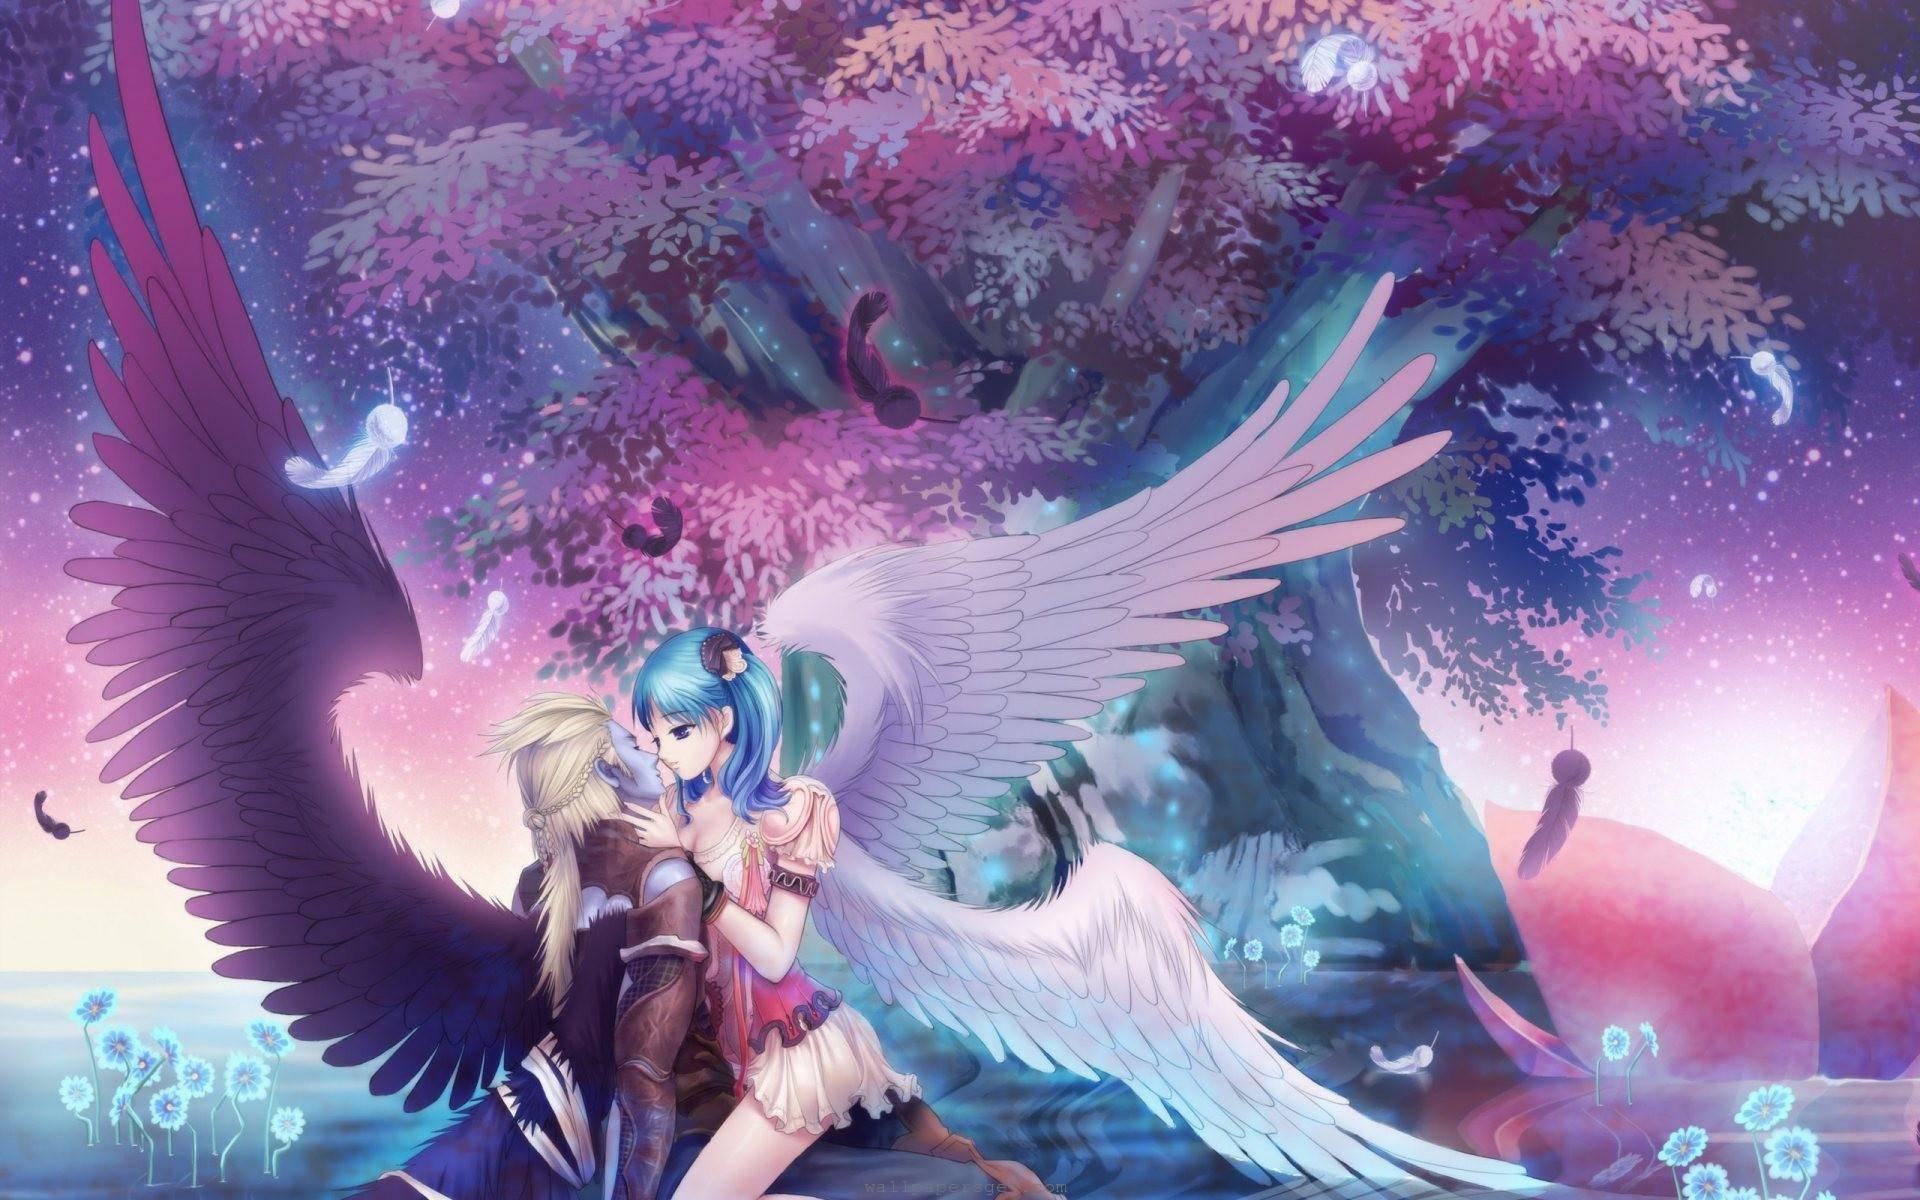 Beautiful angel romance   Anime Manga Wallpaper 1920x1200